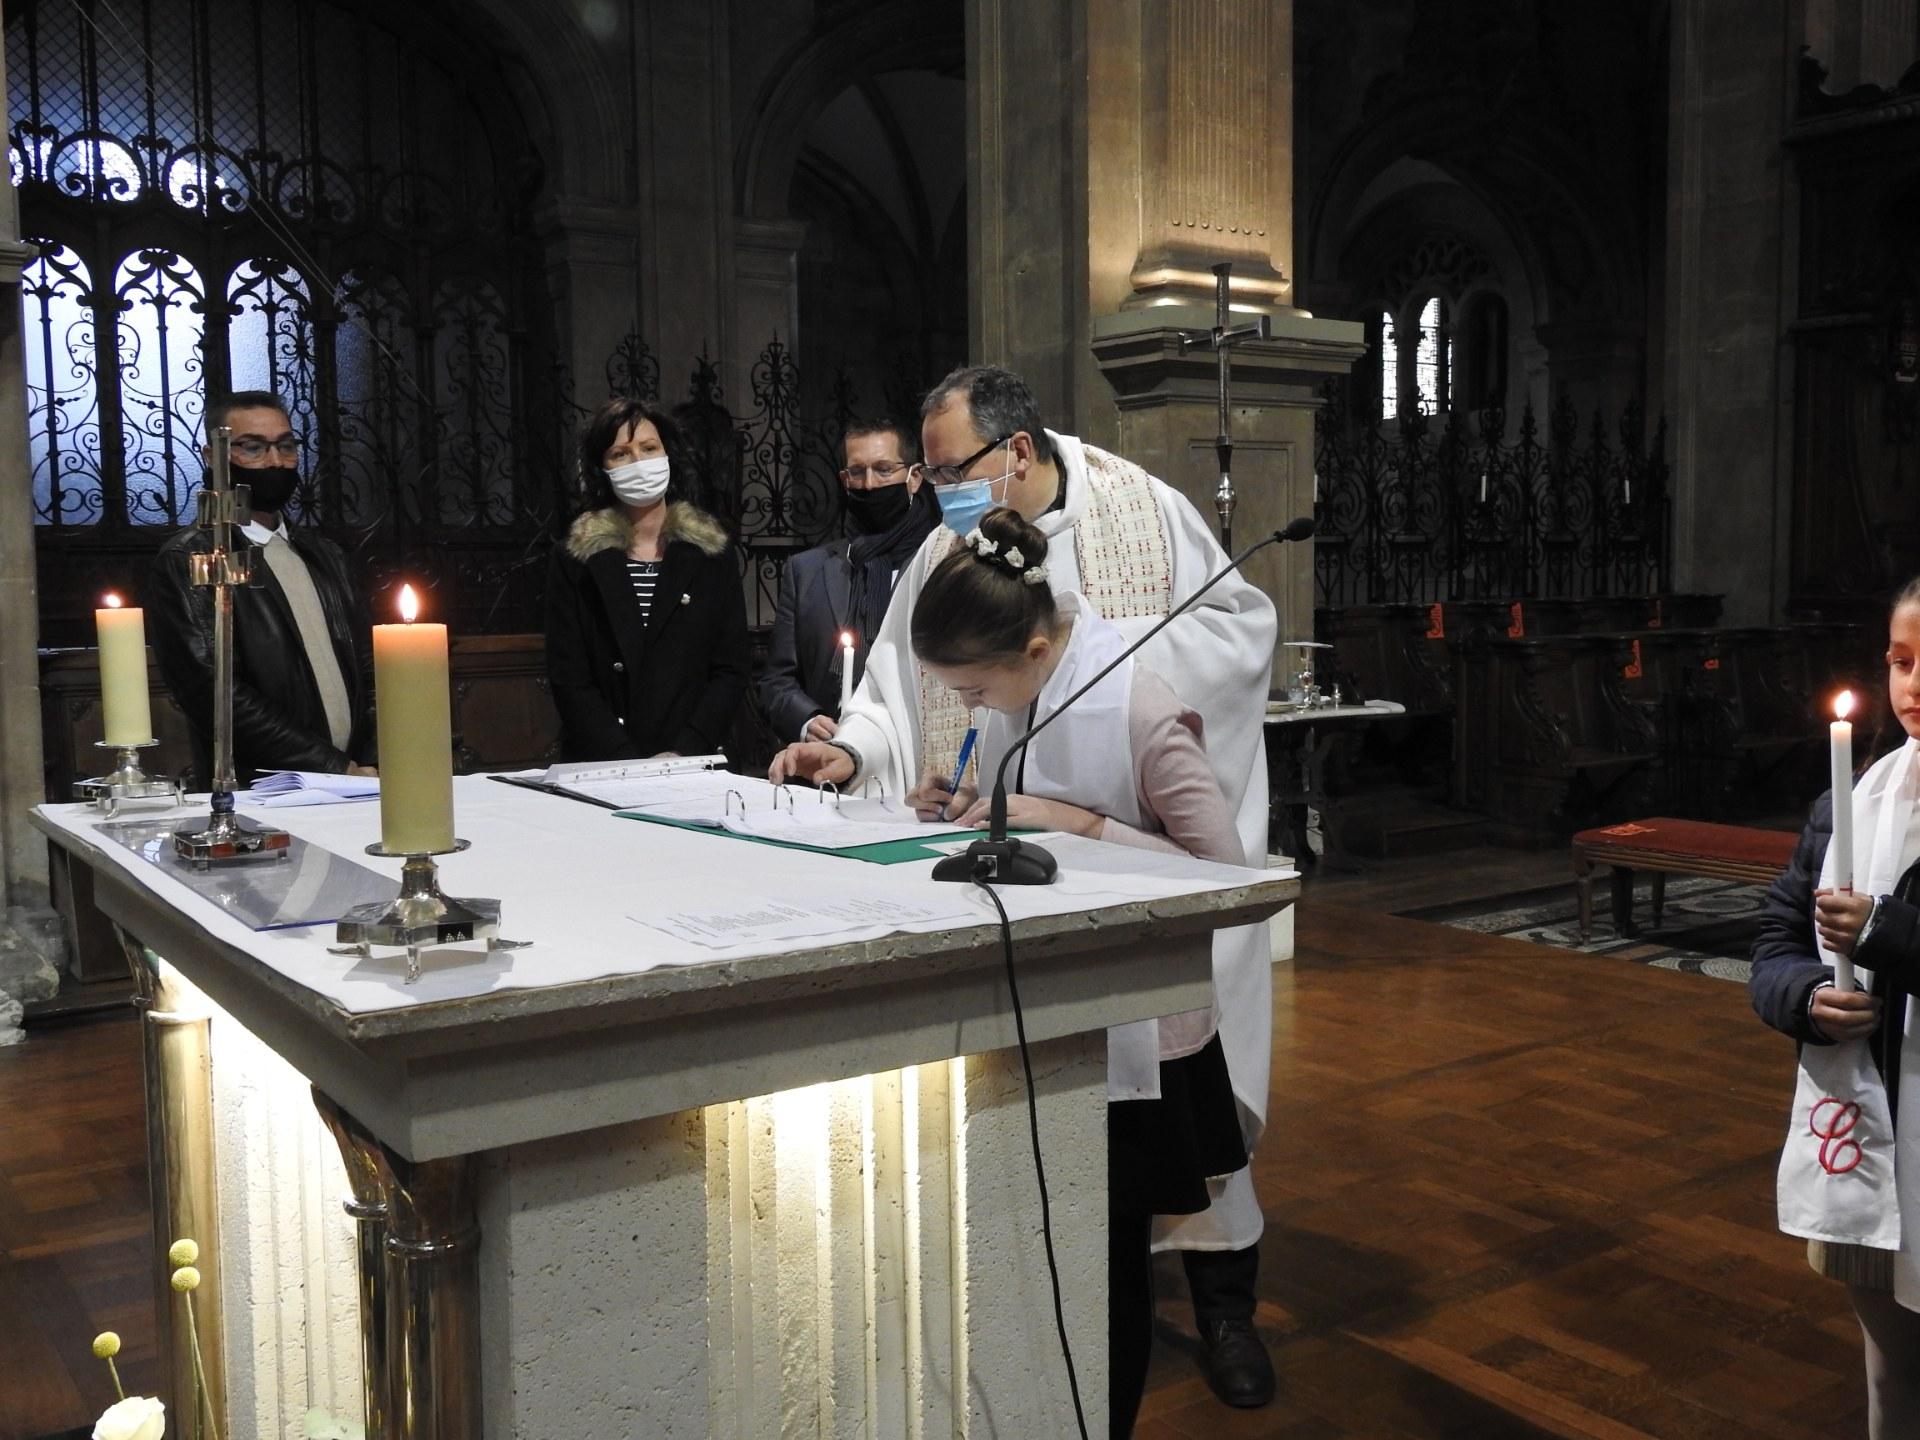 1eres communions St Francois 2020 (47)